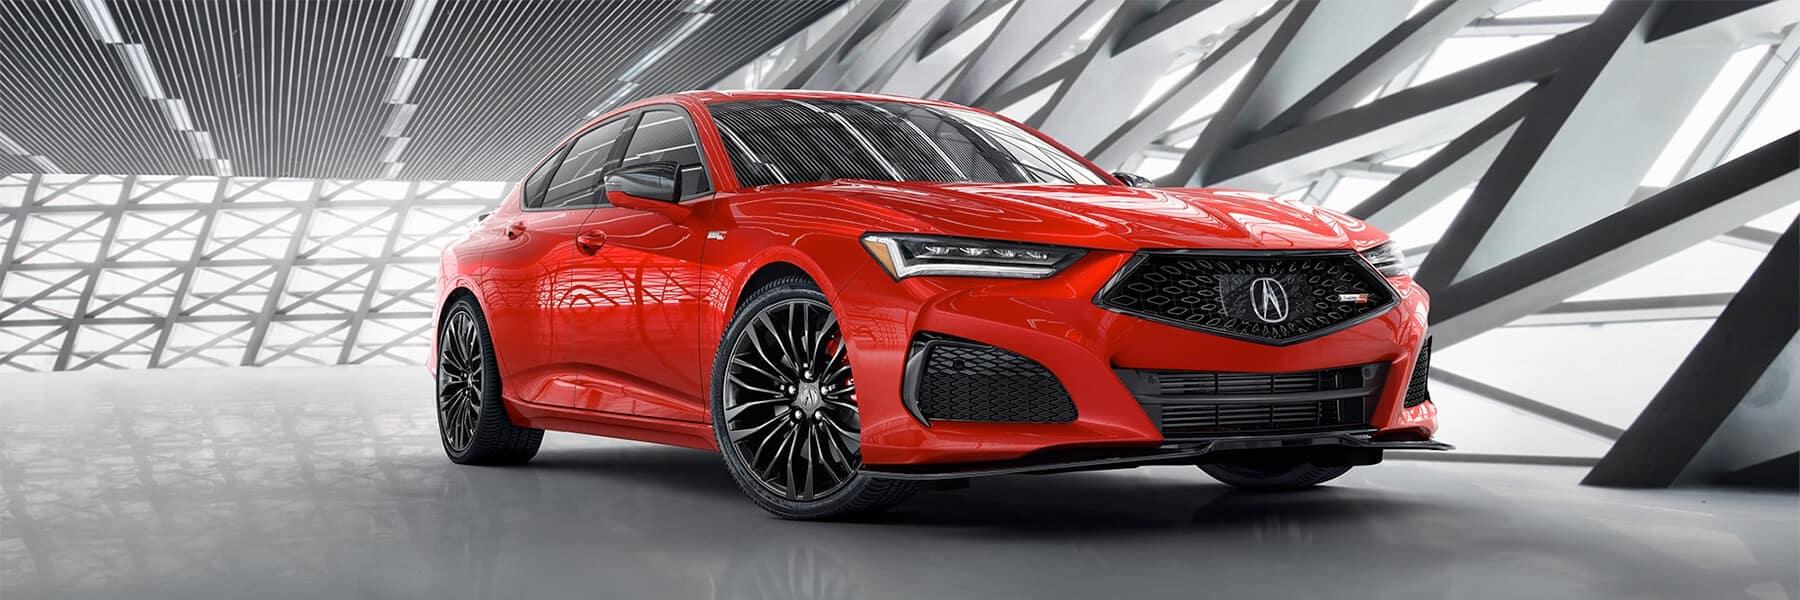 2021 Acura TLX Type S Vern Eide Acura Slider